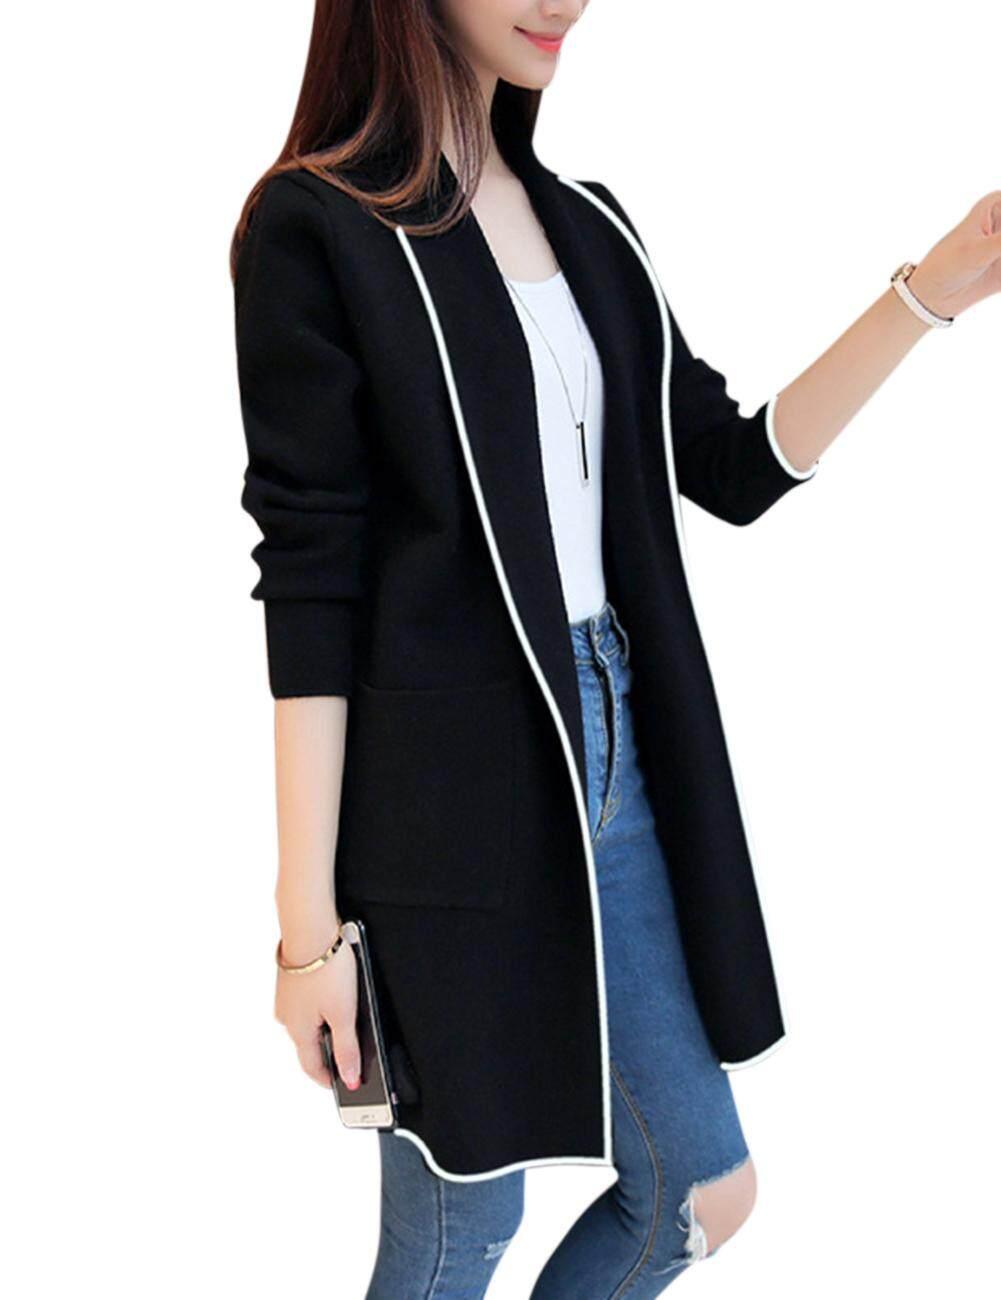 a02eacb0a4 YANYI Women Fashion Loose Cardigan Classic Elegant All-match Tops Coat